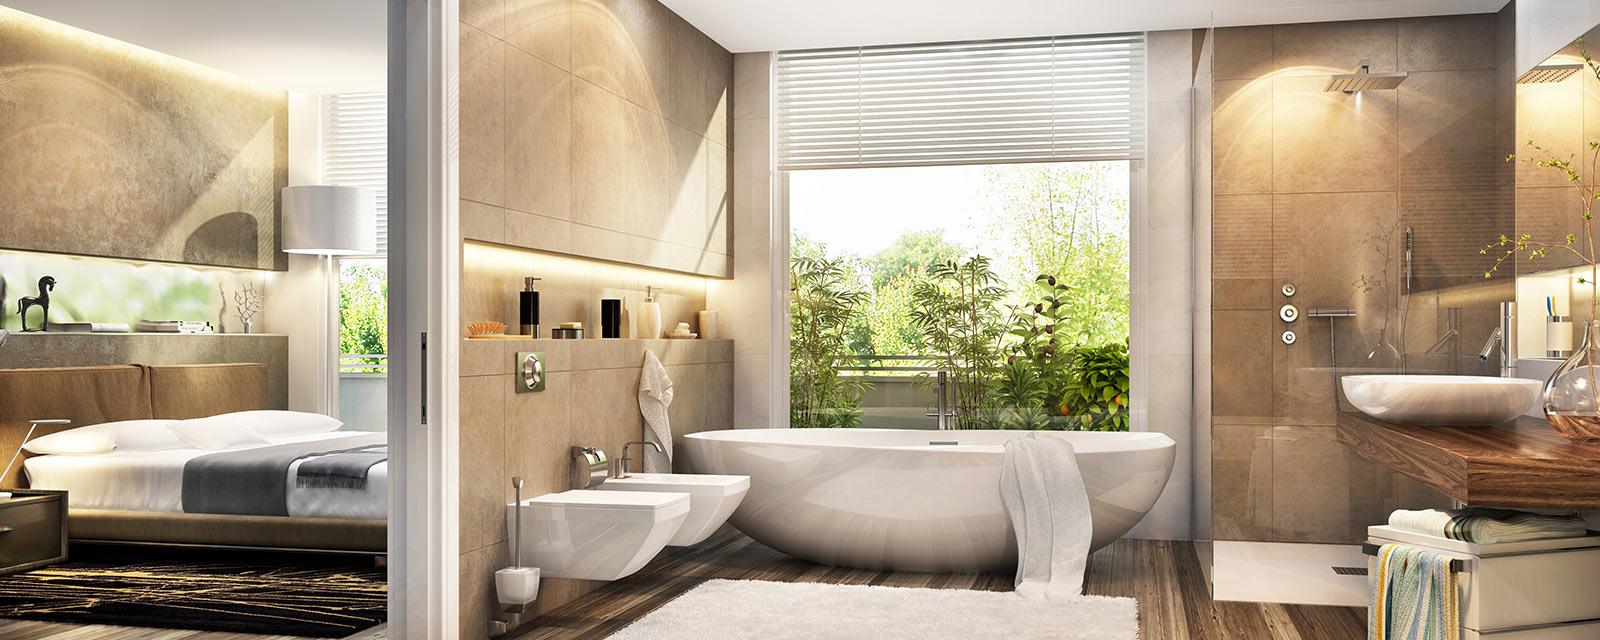 Pourquoi Aménager Une Salle De Bain Dans Une Chambre ?